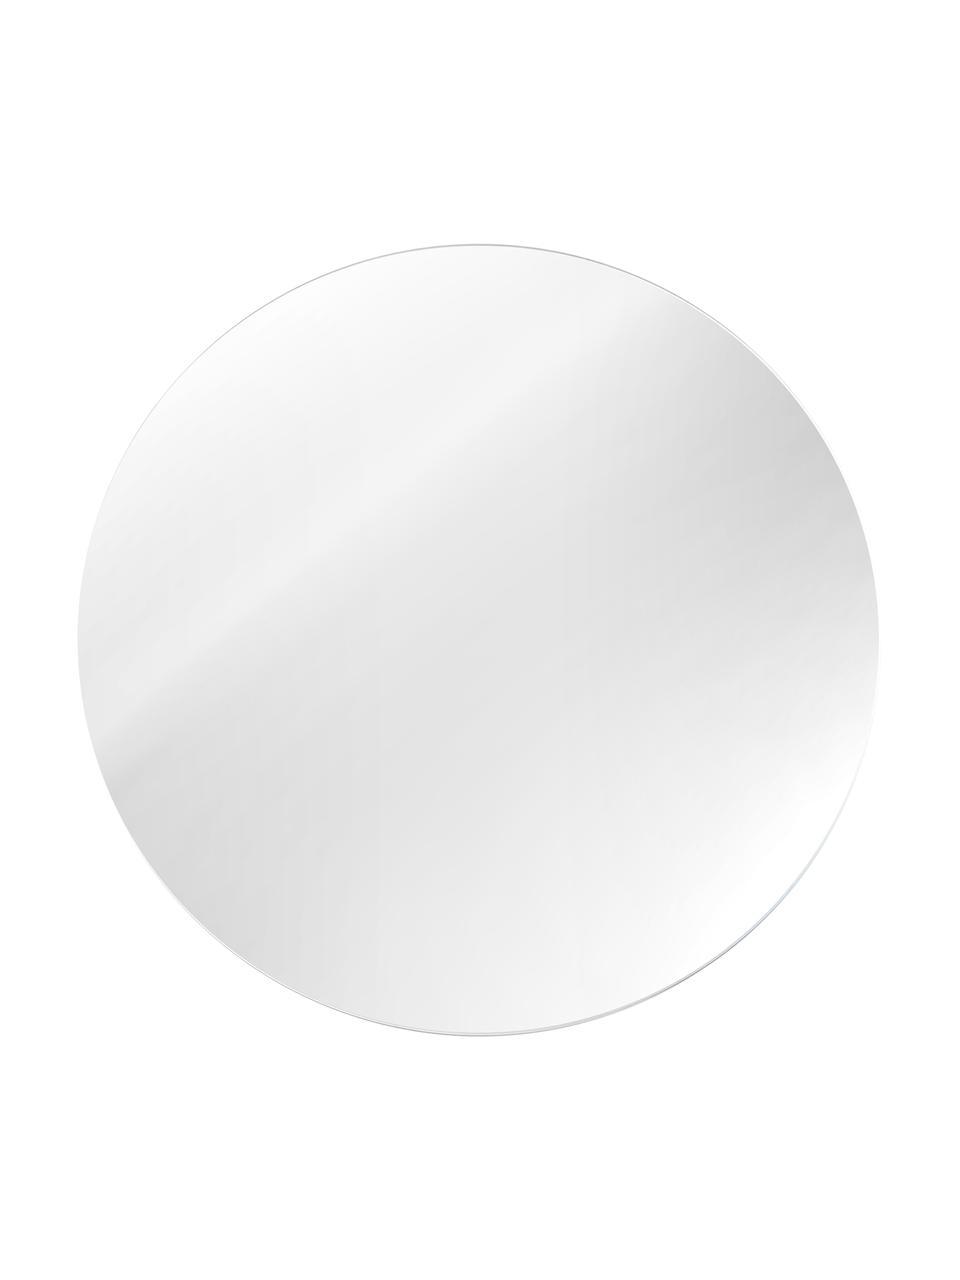 Rahmenloser Wandspiegel Erin, Spiegelfläche: Spiegelglas, Rückseite: Mitteldichte Holzfaserpla, Spiegelfläche: SpiegelglasSpiegelaussenkante: Schwarz, Ø 100 cm